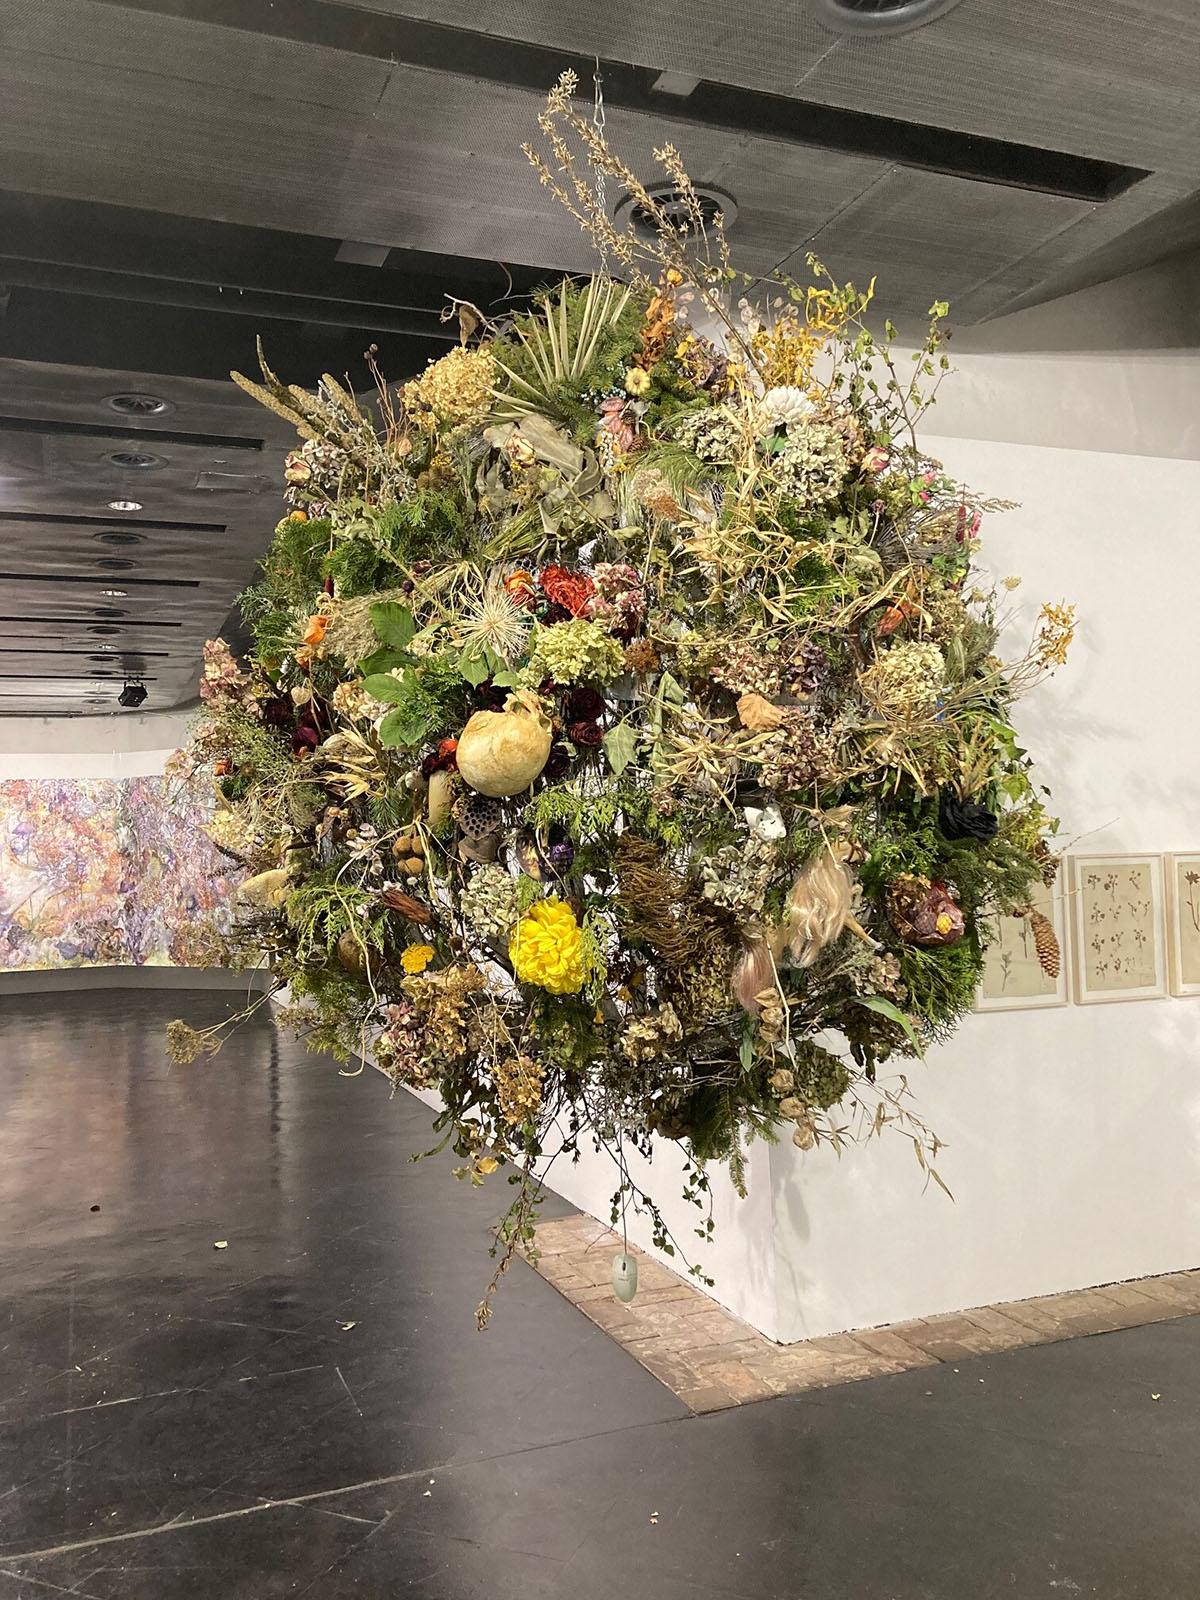 Yvonne Oswald und Karin Pliem, orbis terrae / Weltkugel, Installation, 2021